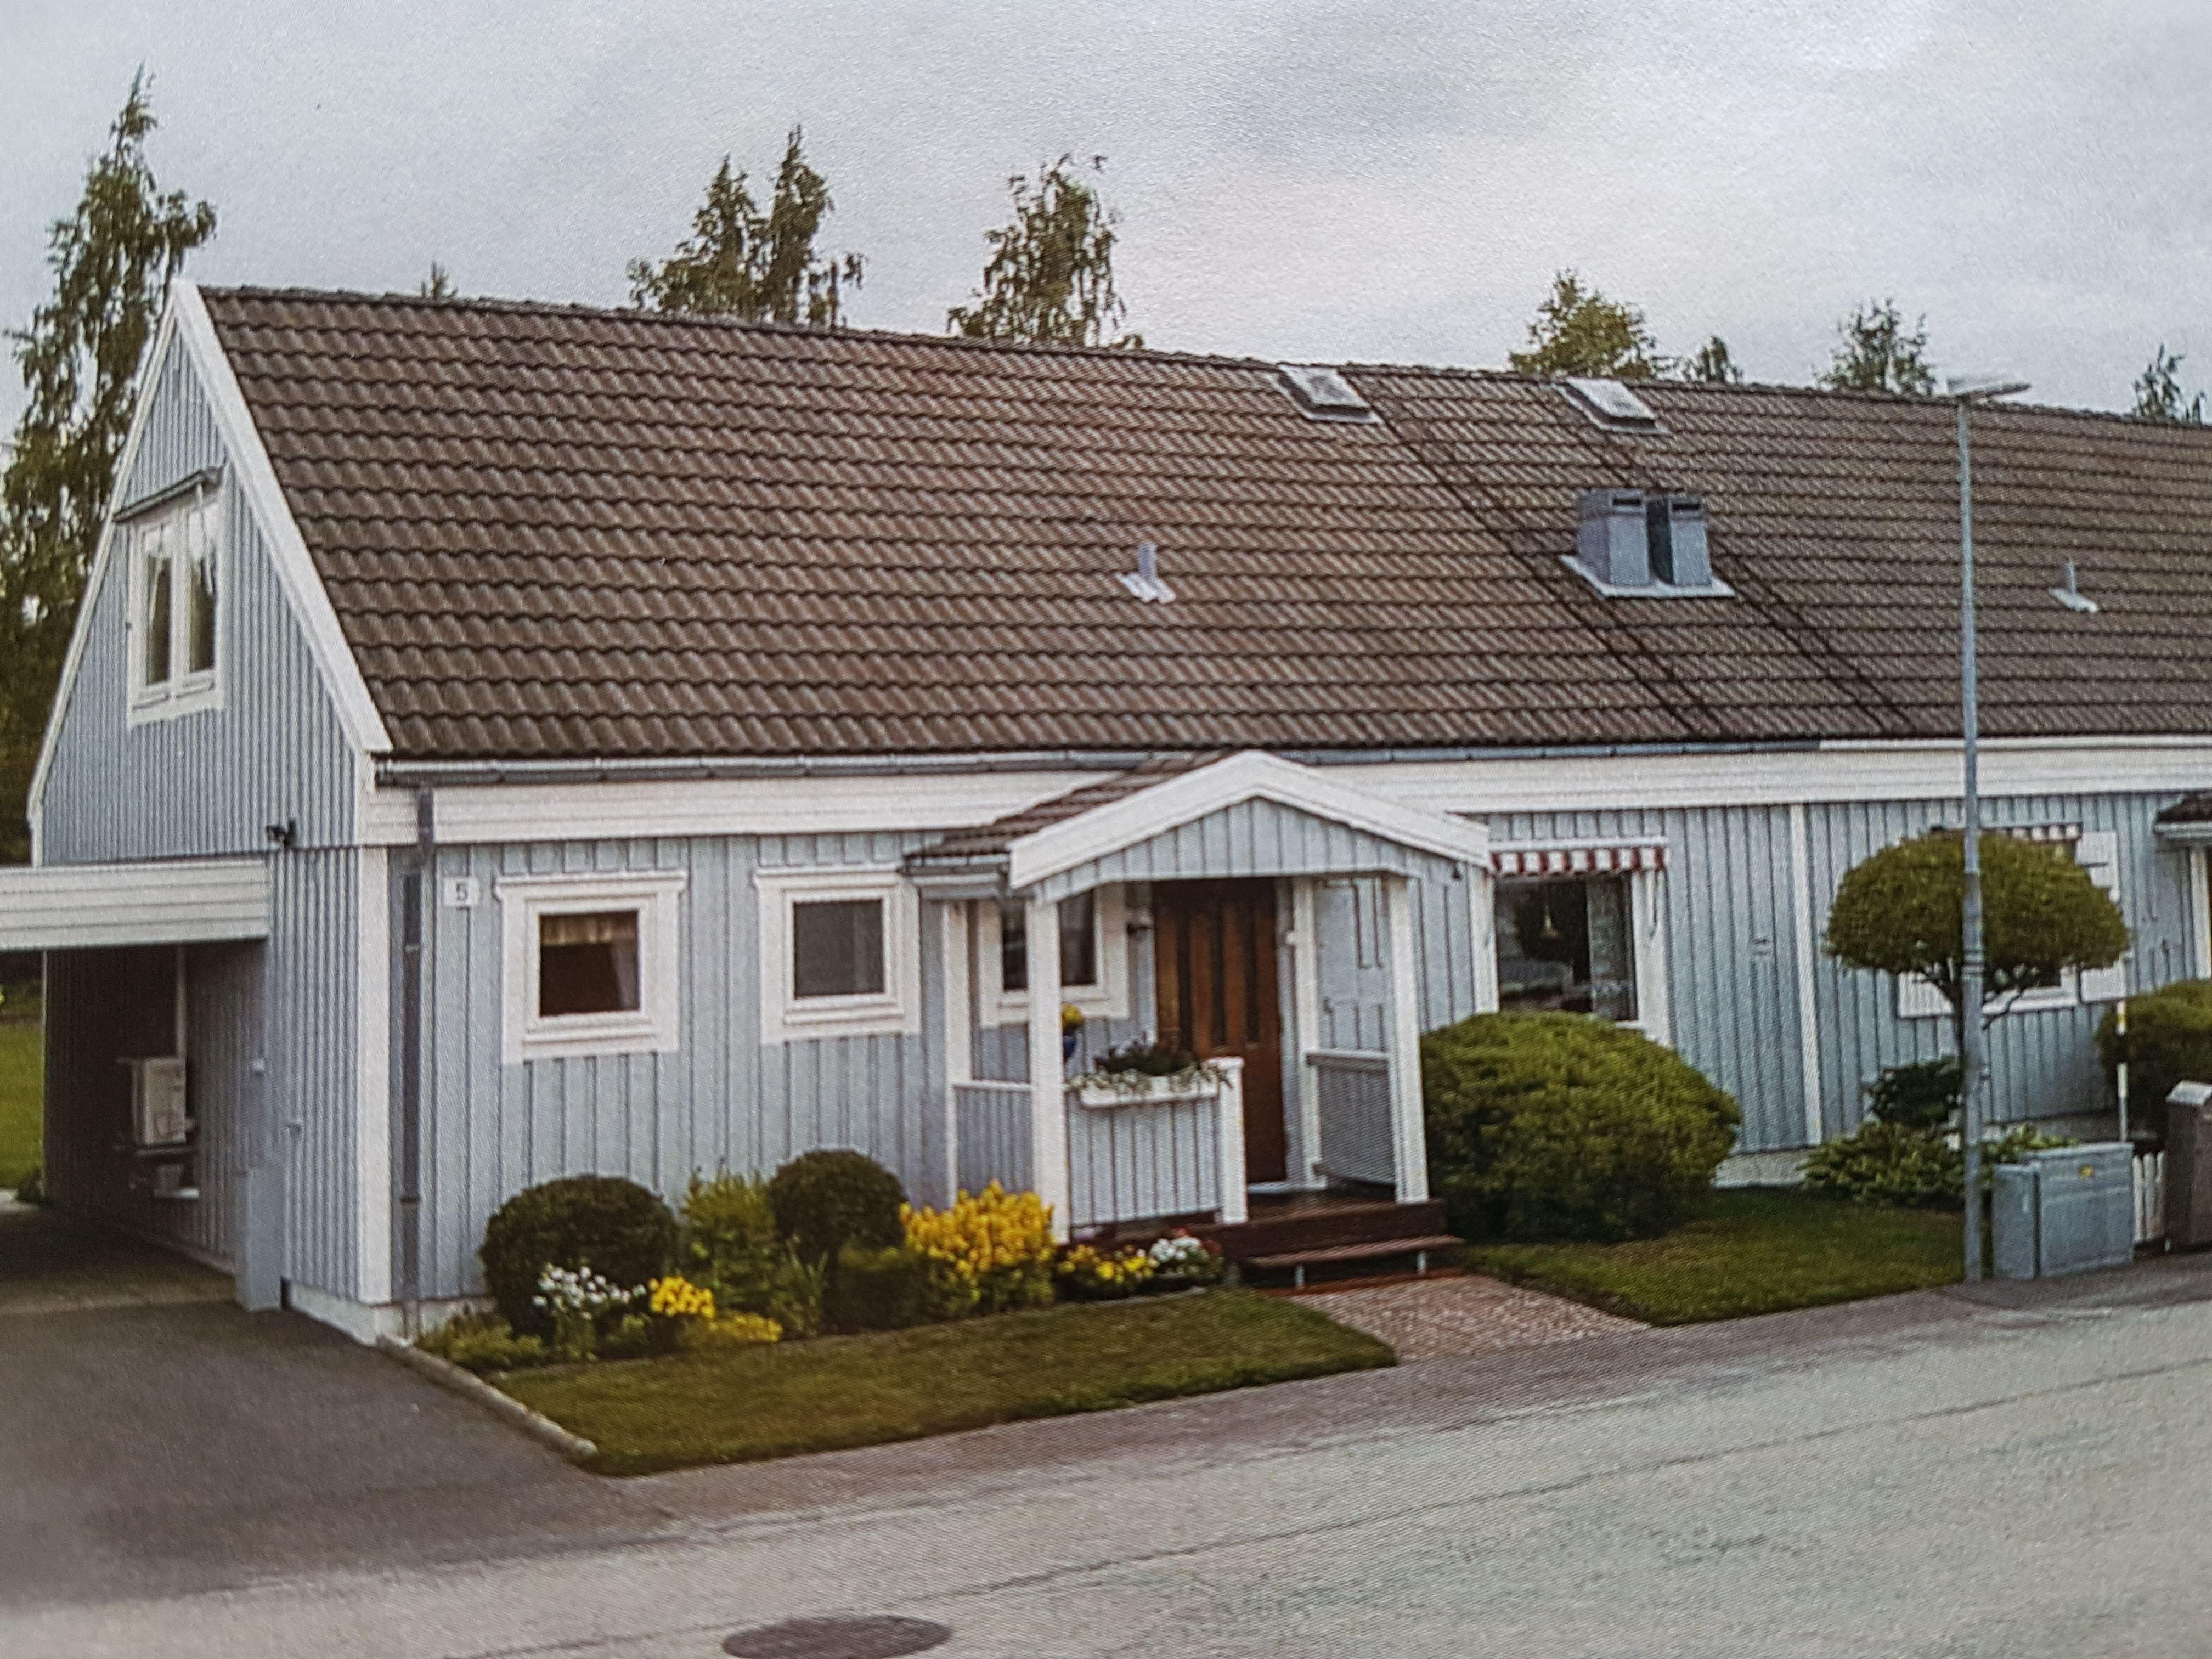 HV123 Hus i Odensala